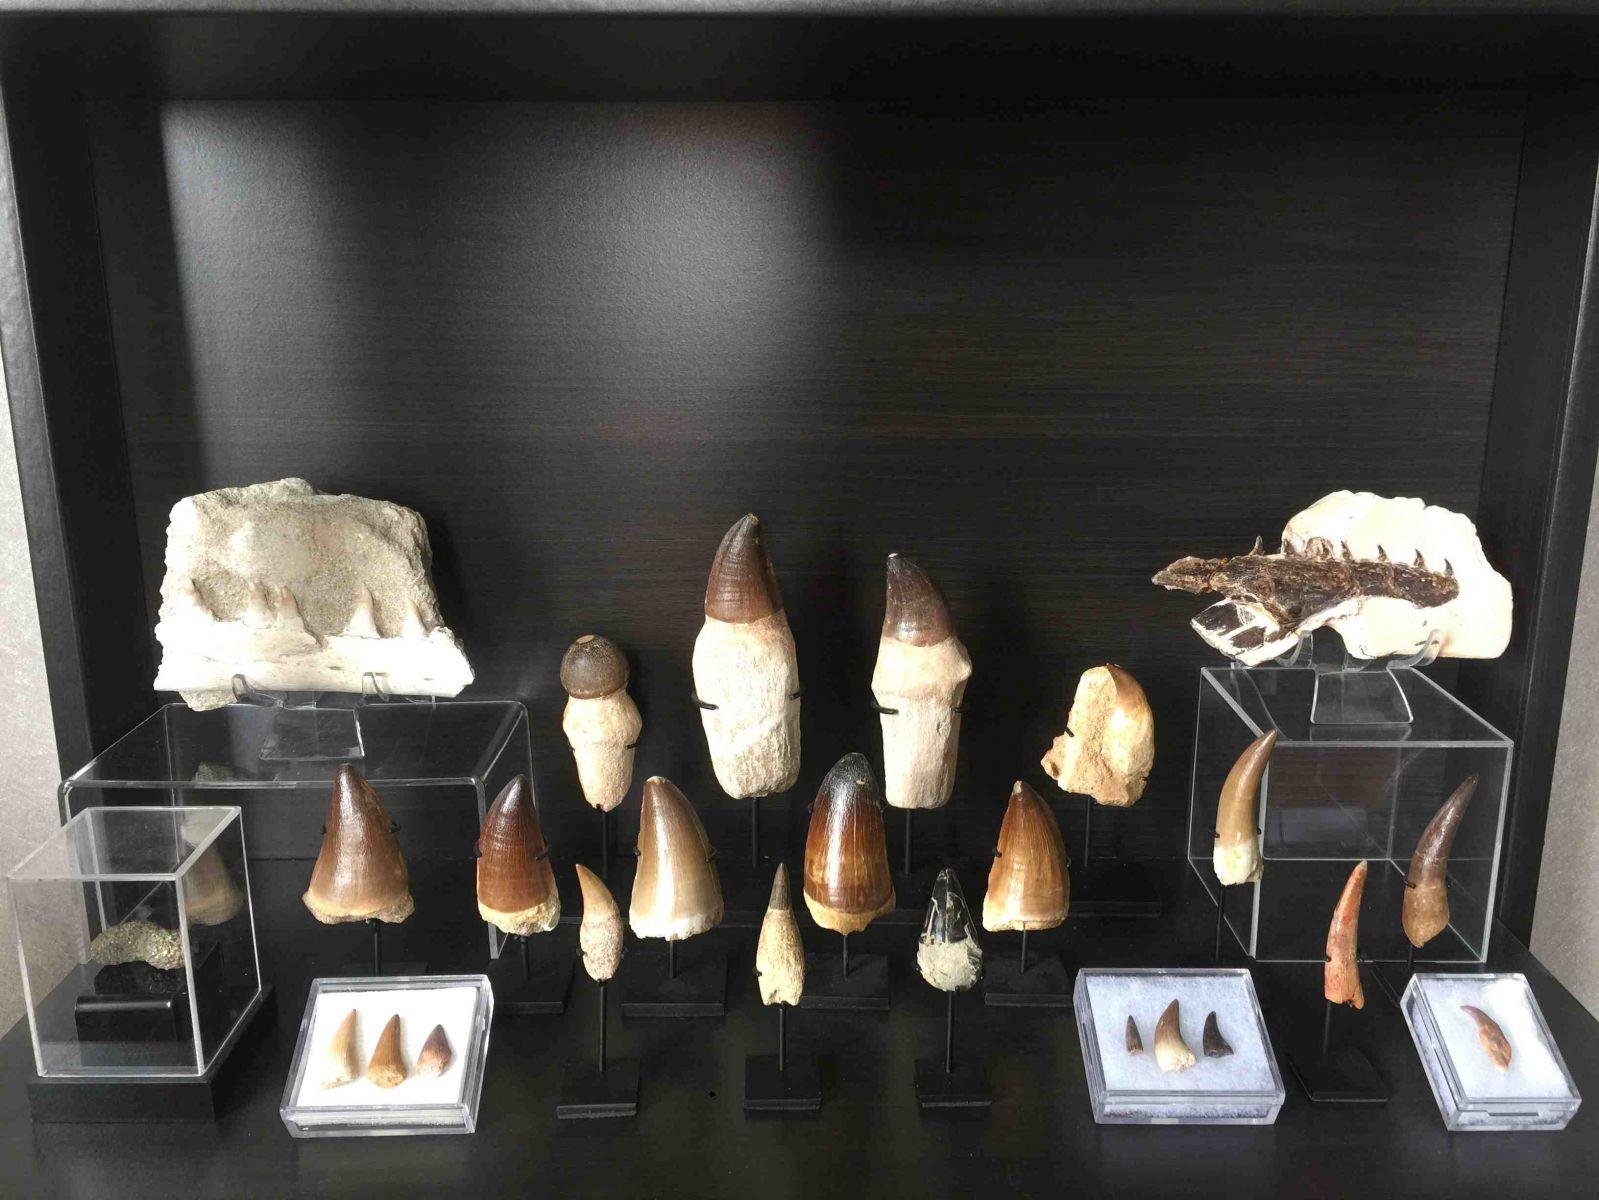 Reptiles & Marine Reptiles collection